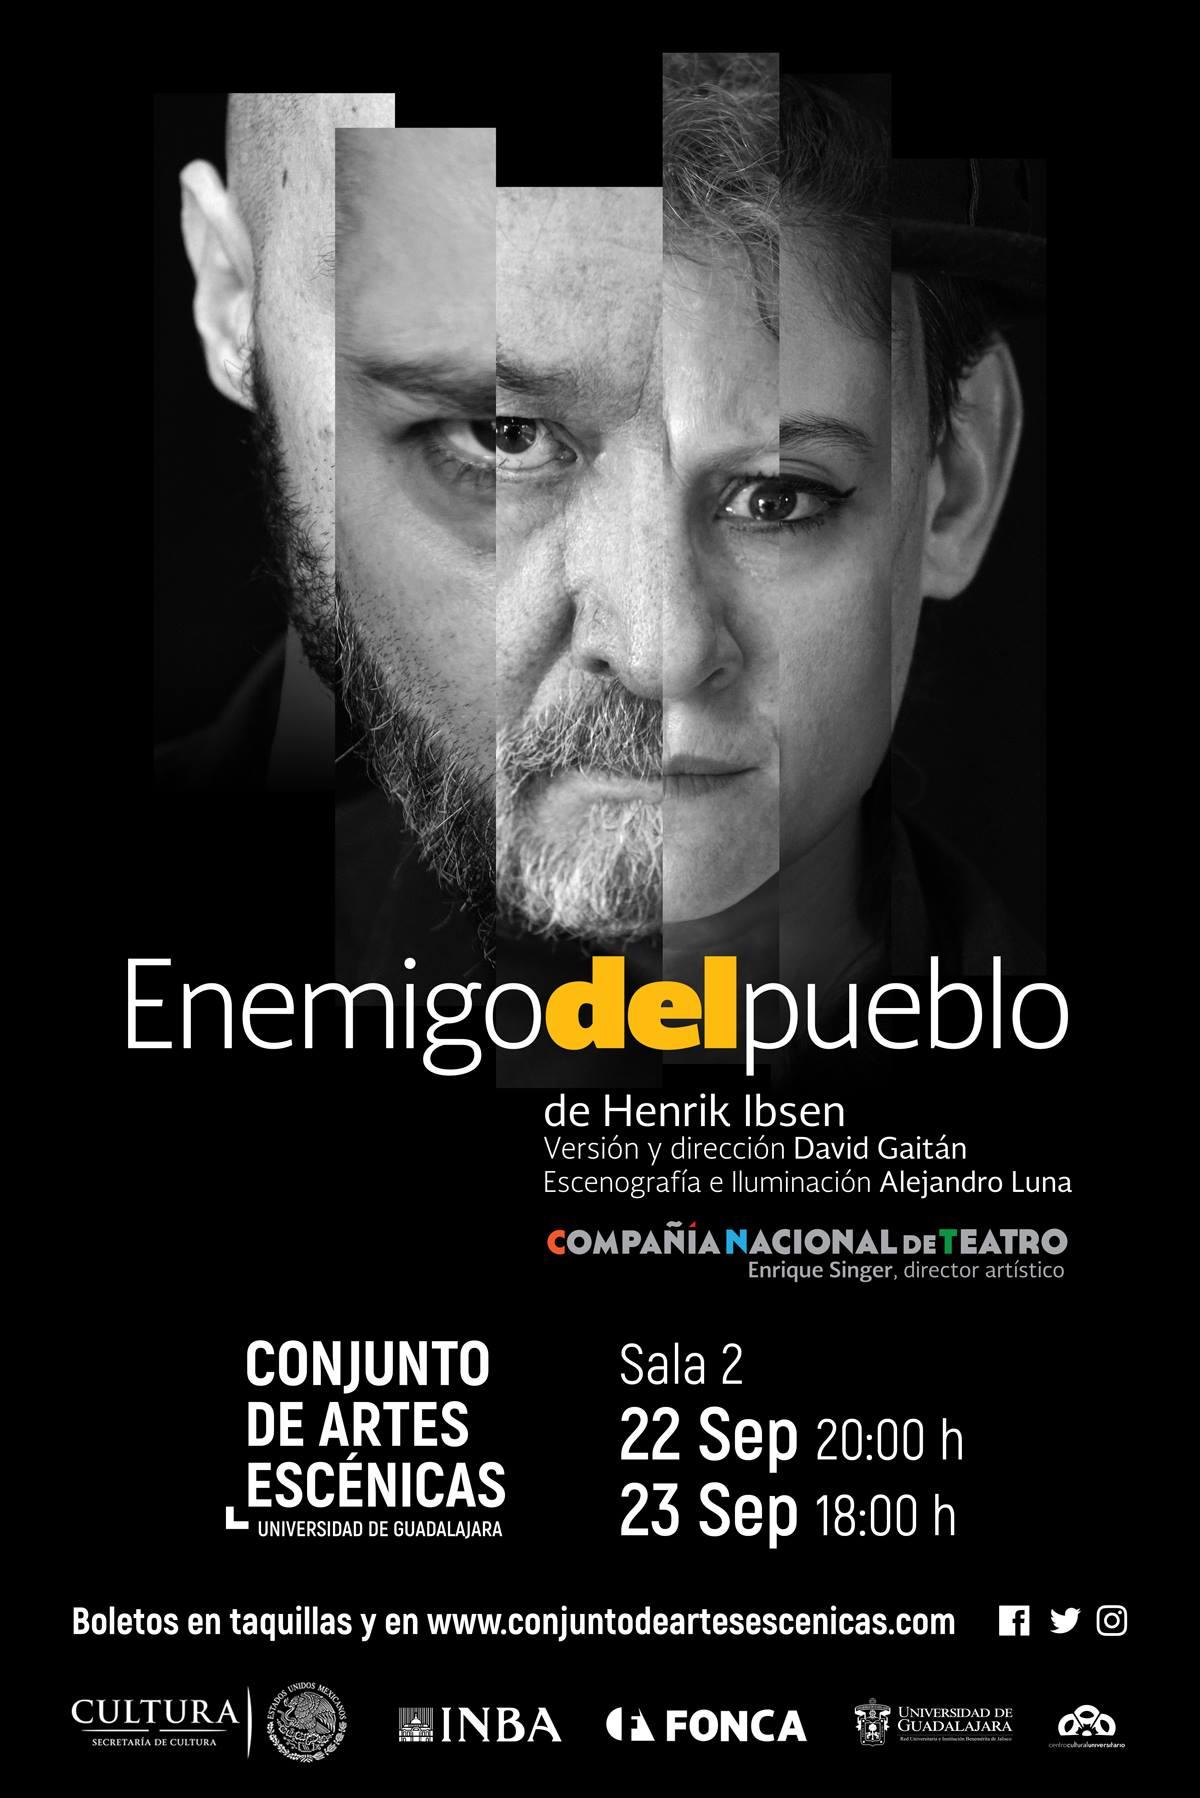 Enemigo Del Pueblo - 22 y 23 de Septiembre en Conjunto de Artes Escénicas